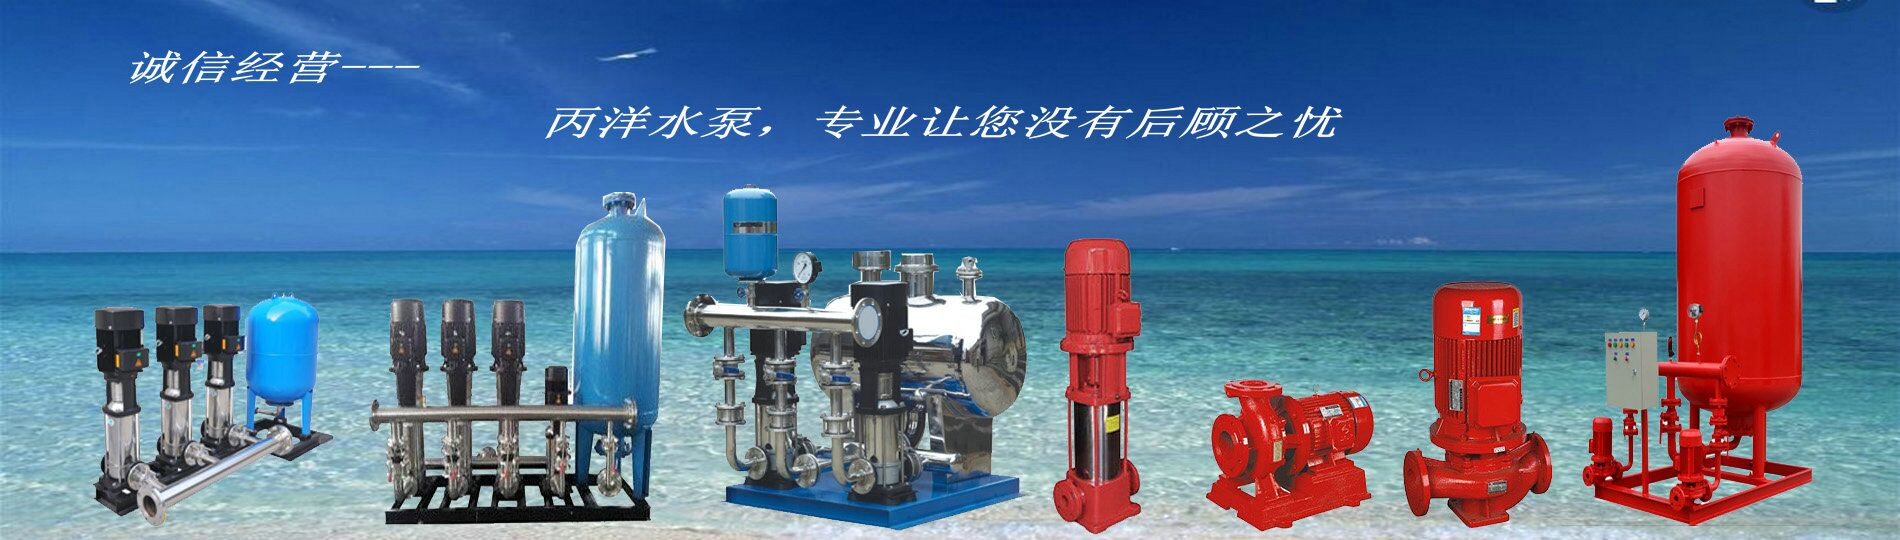 上海丙洋泵业制造有限公司